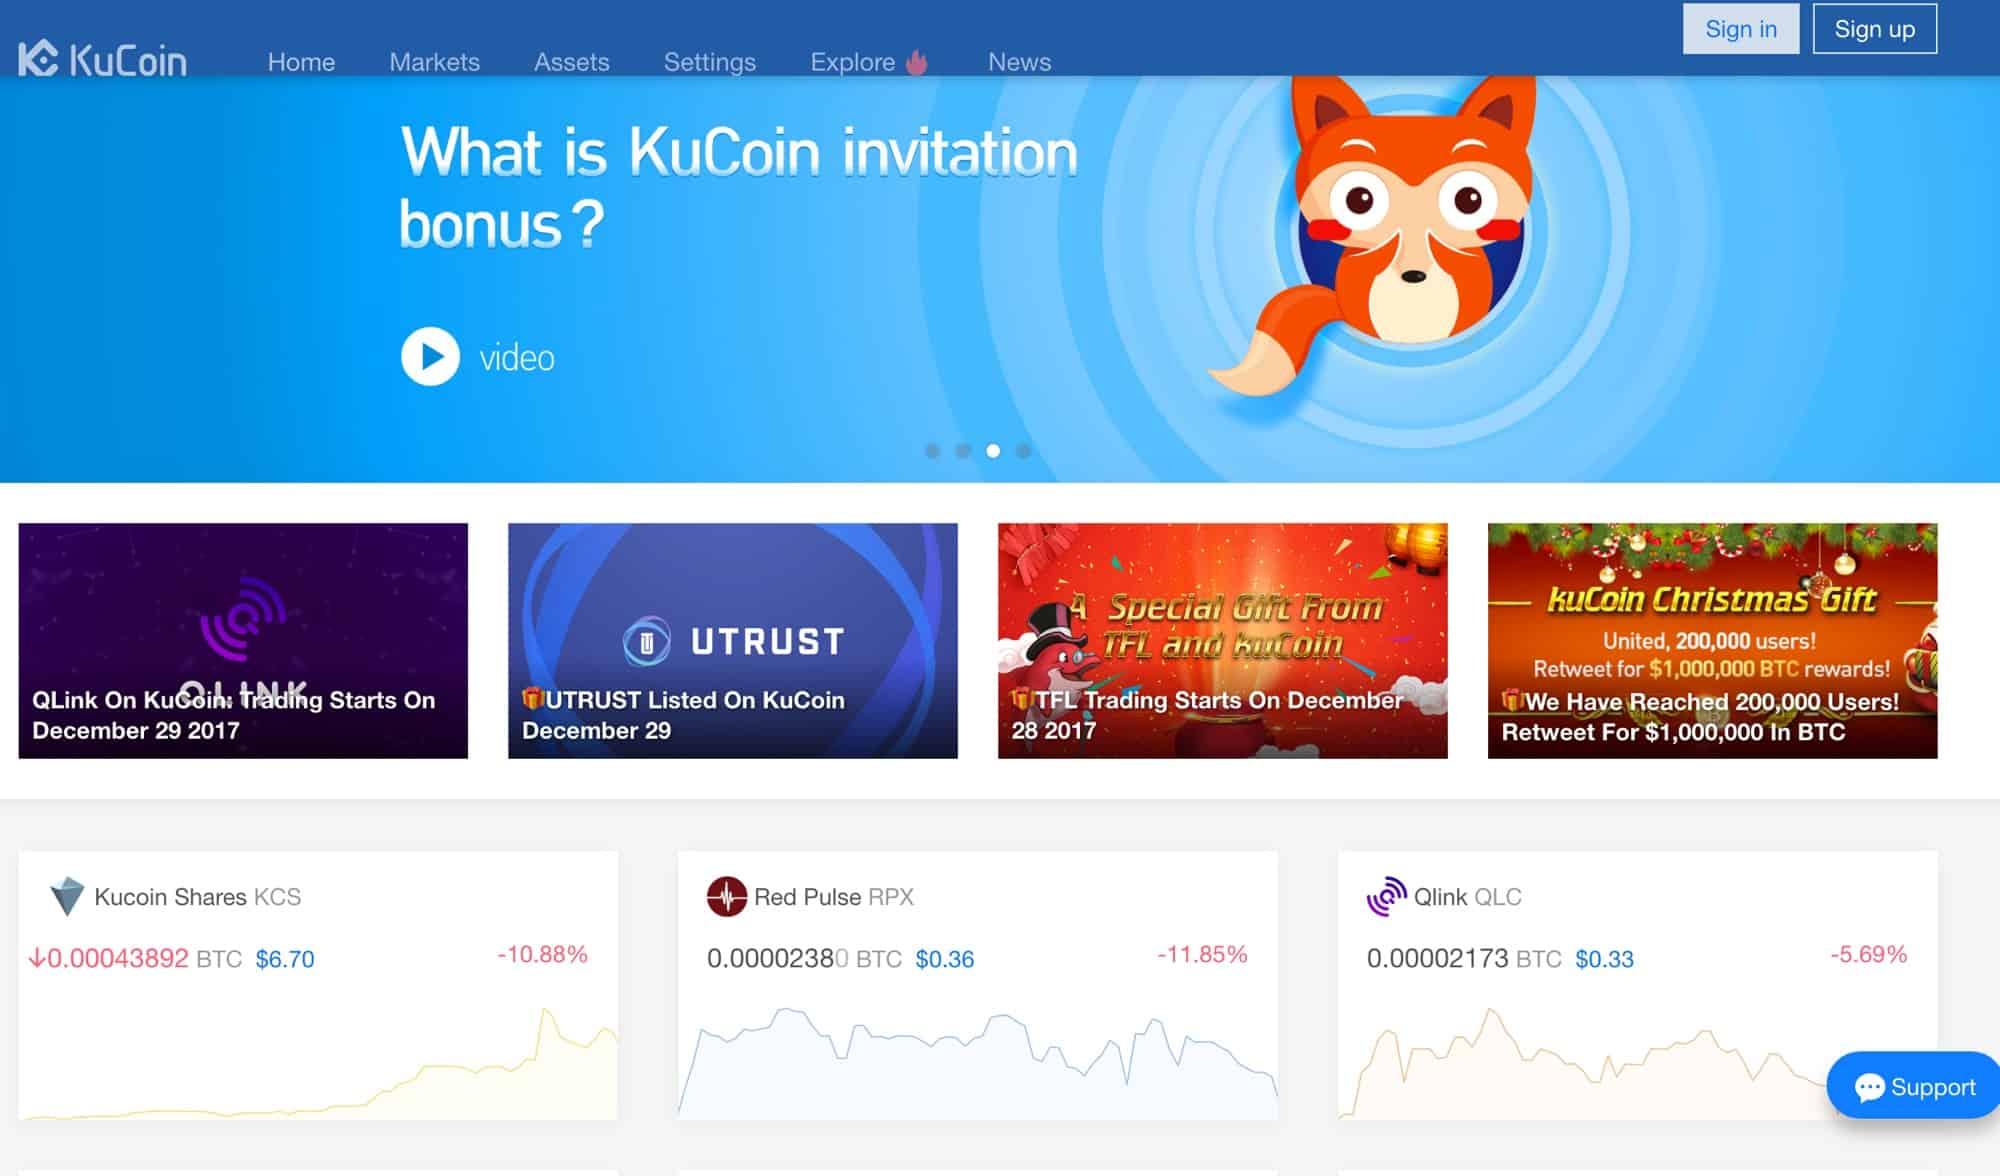 https://coinsutra.com/wp-content/uploads/2017/12/KuCoin-1.jpg